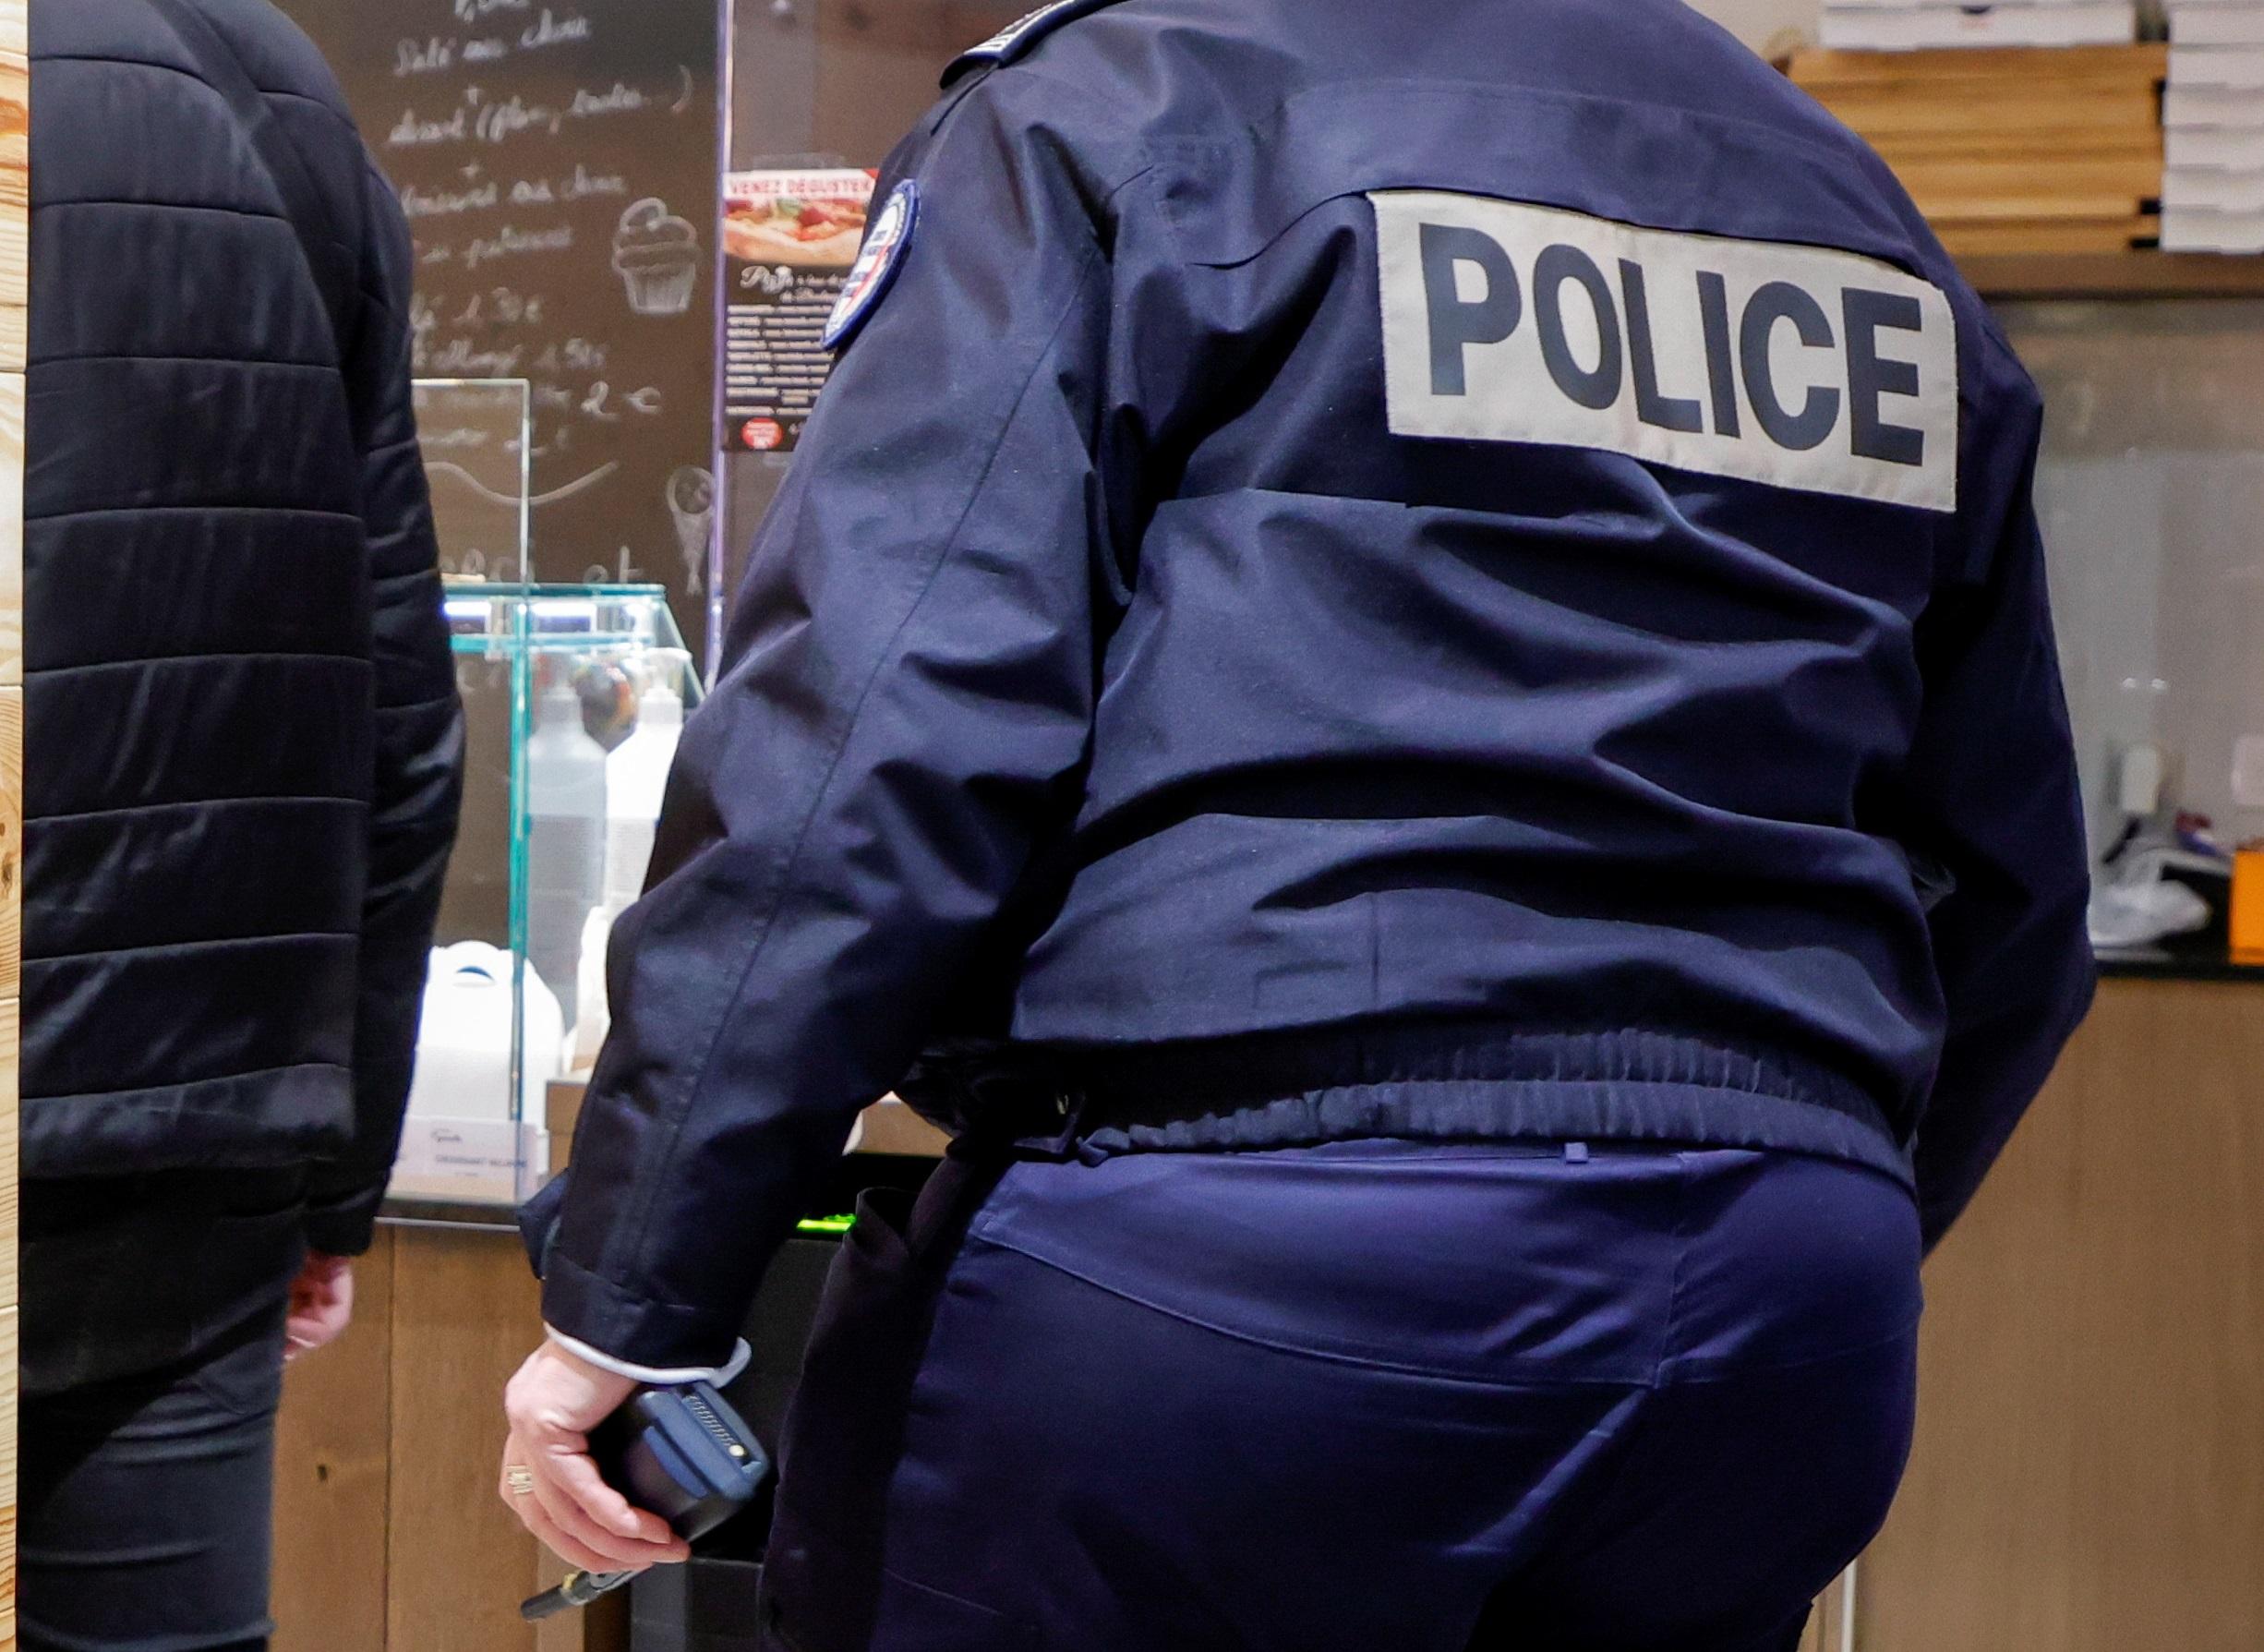 Γαλλία: Νεκρός έπεσε ο προϊστάμενος κέντρου μεταναστών – Μαχαιρώθηκε από Σουδανό